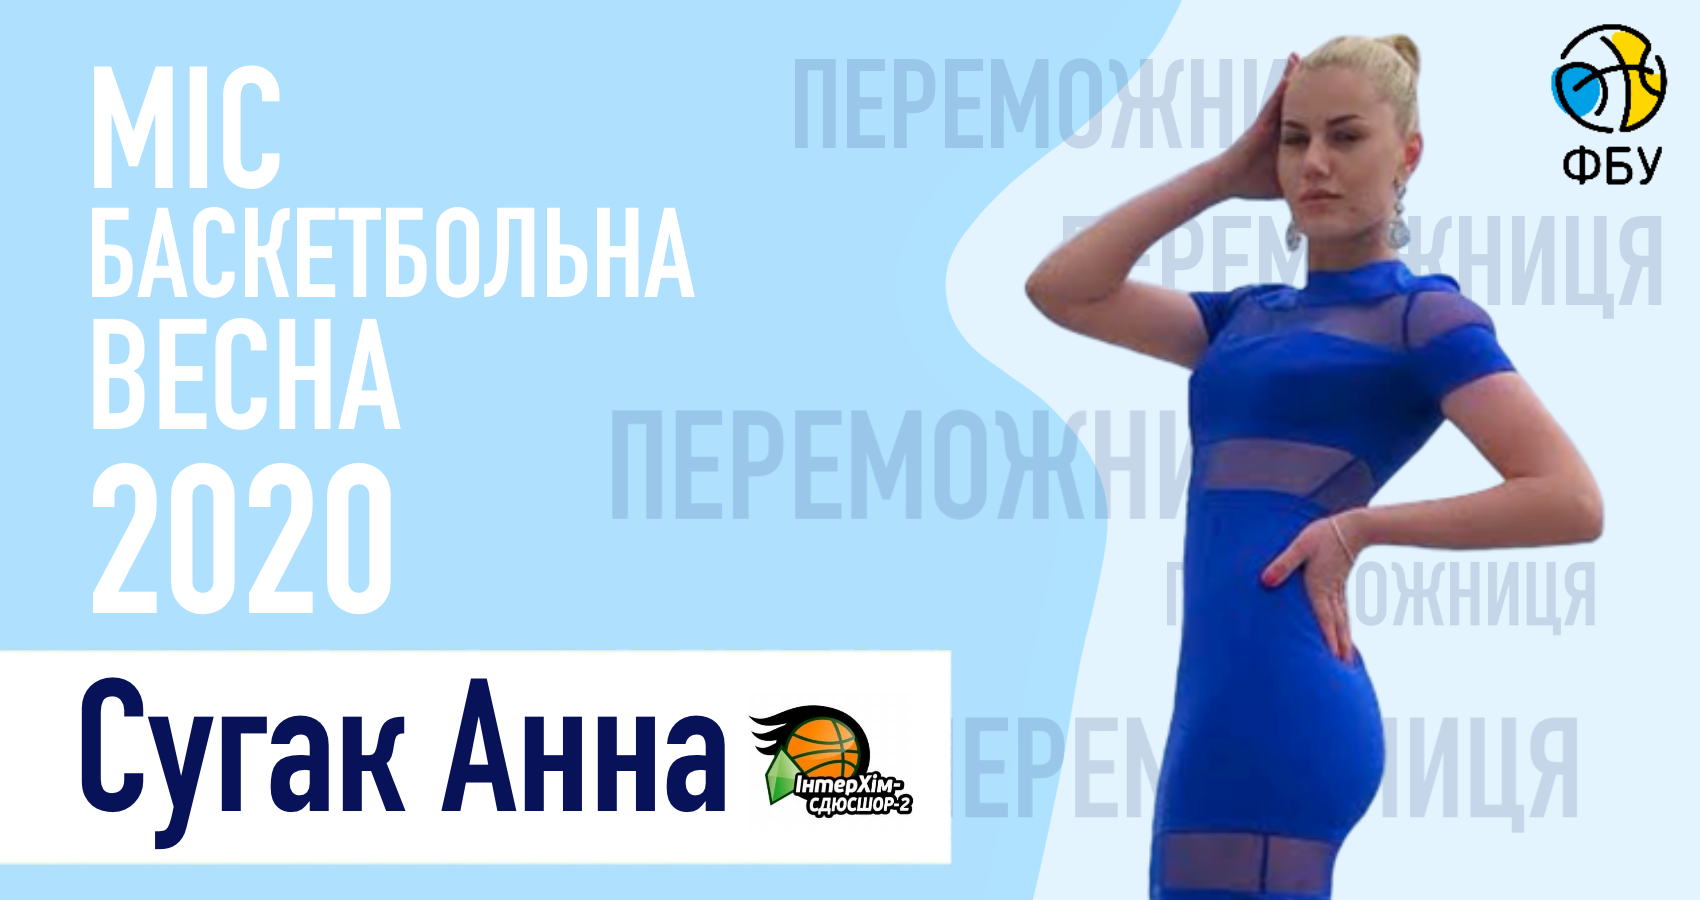 Ганна Сугак - переможниця конкурсу Баскетбольна весна-2020